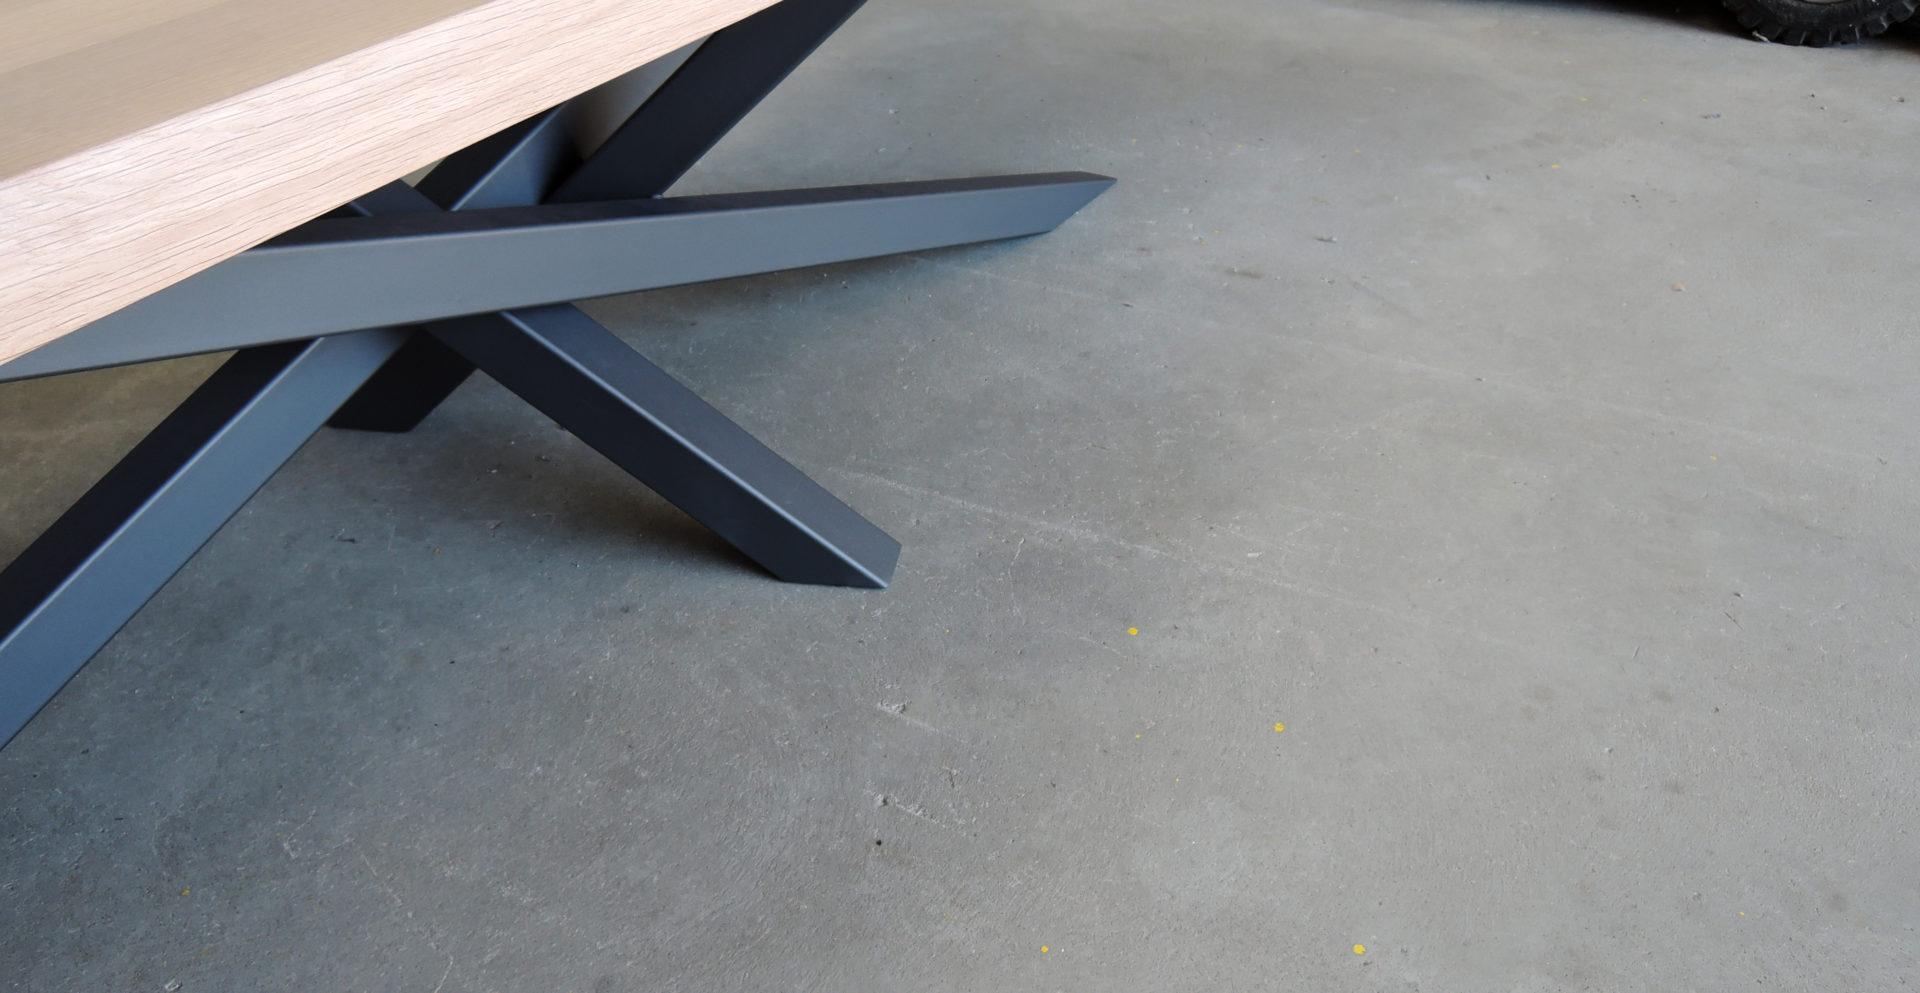 Mikado haut de gamme en bois fabrication artisanale made in jura e33643d2772